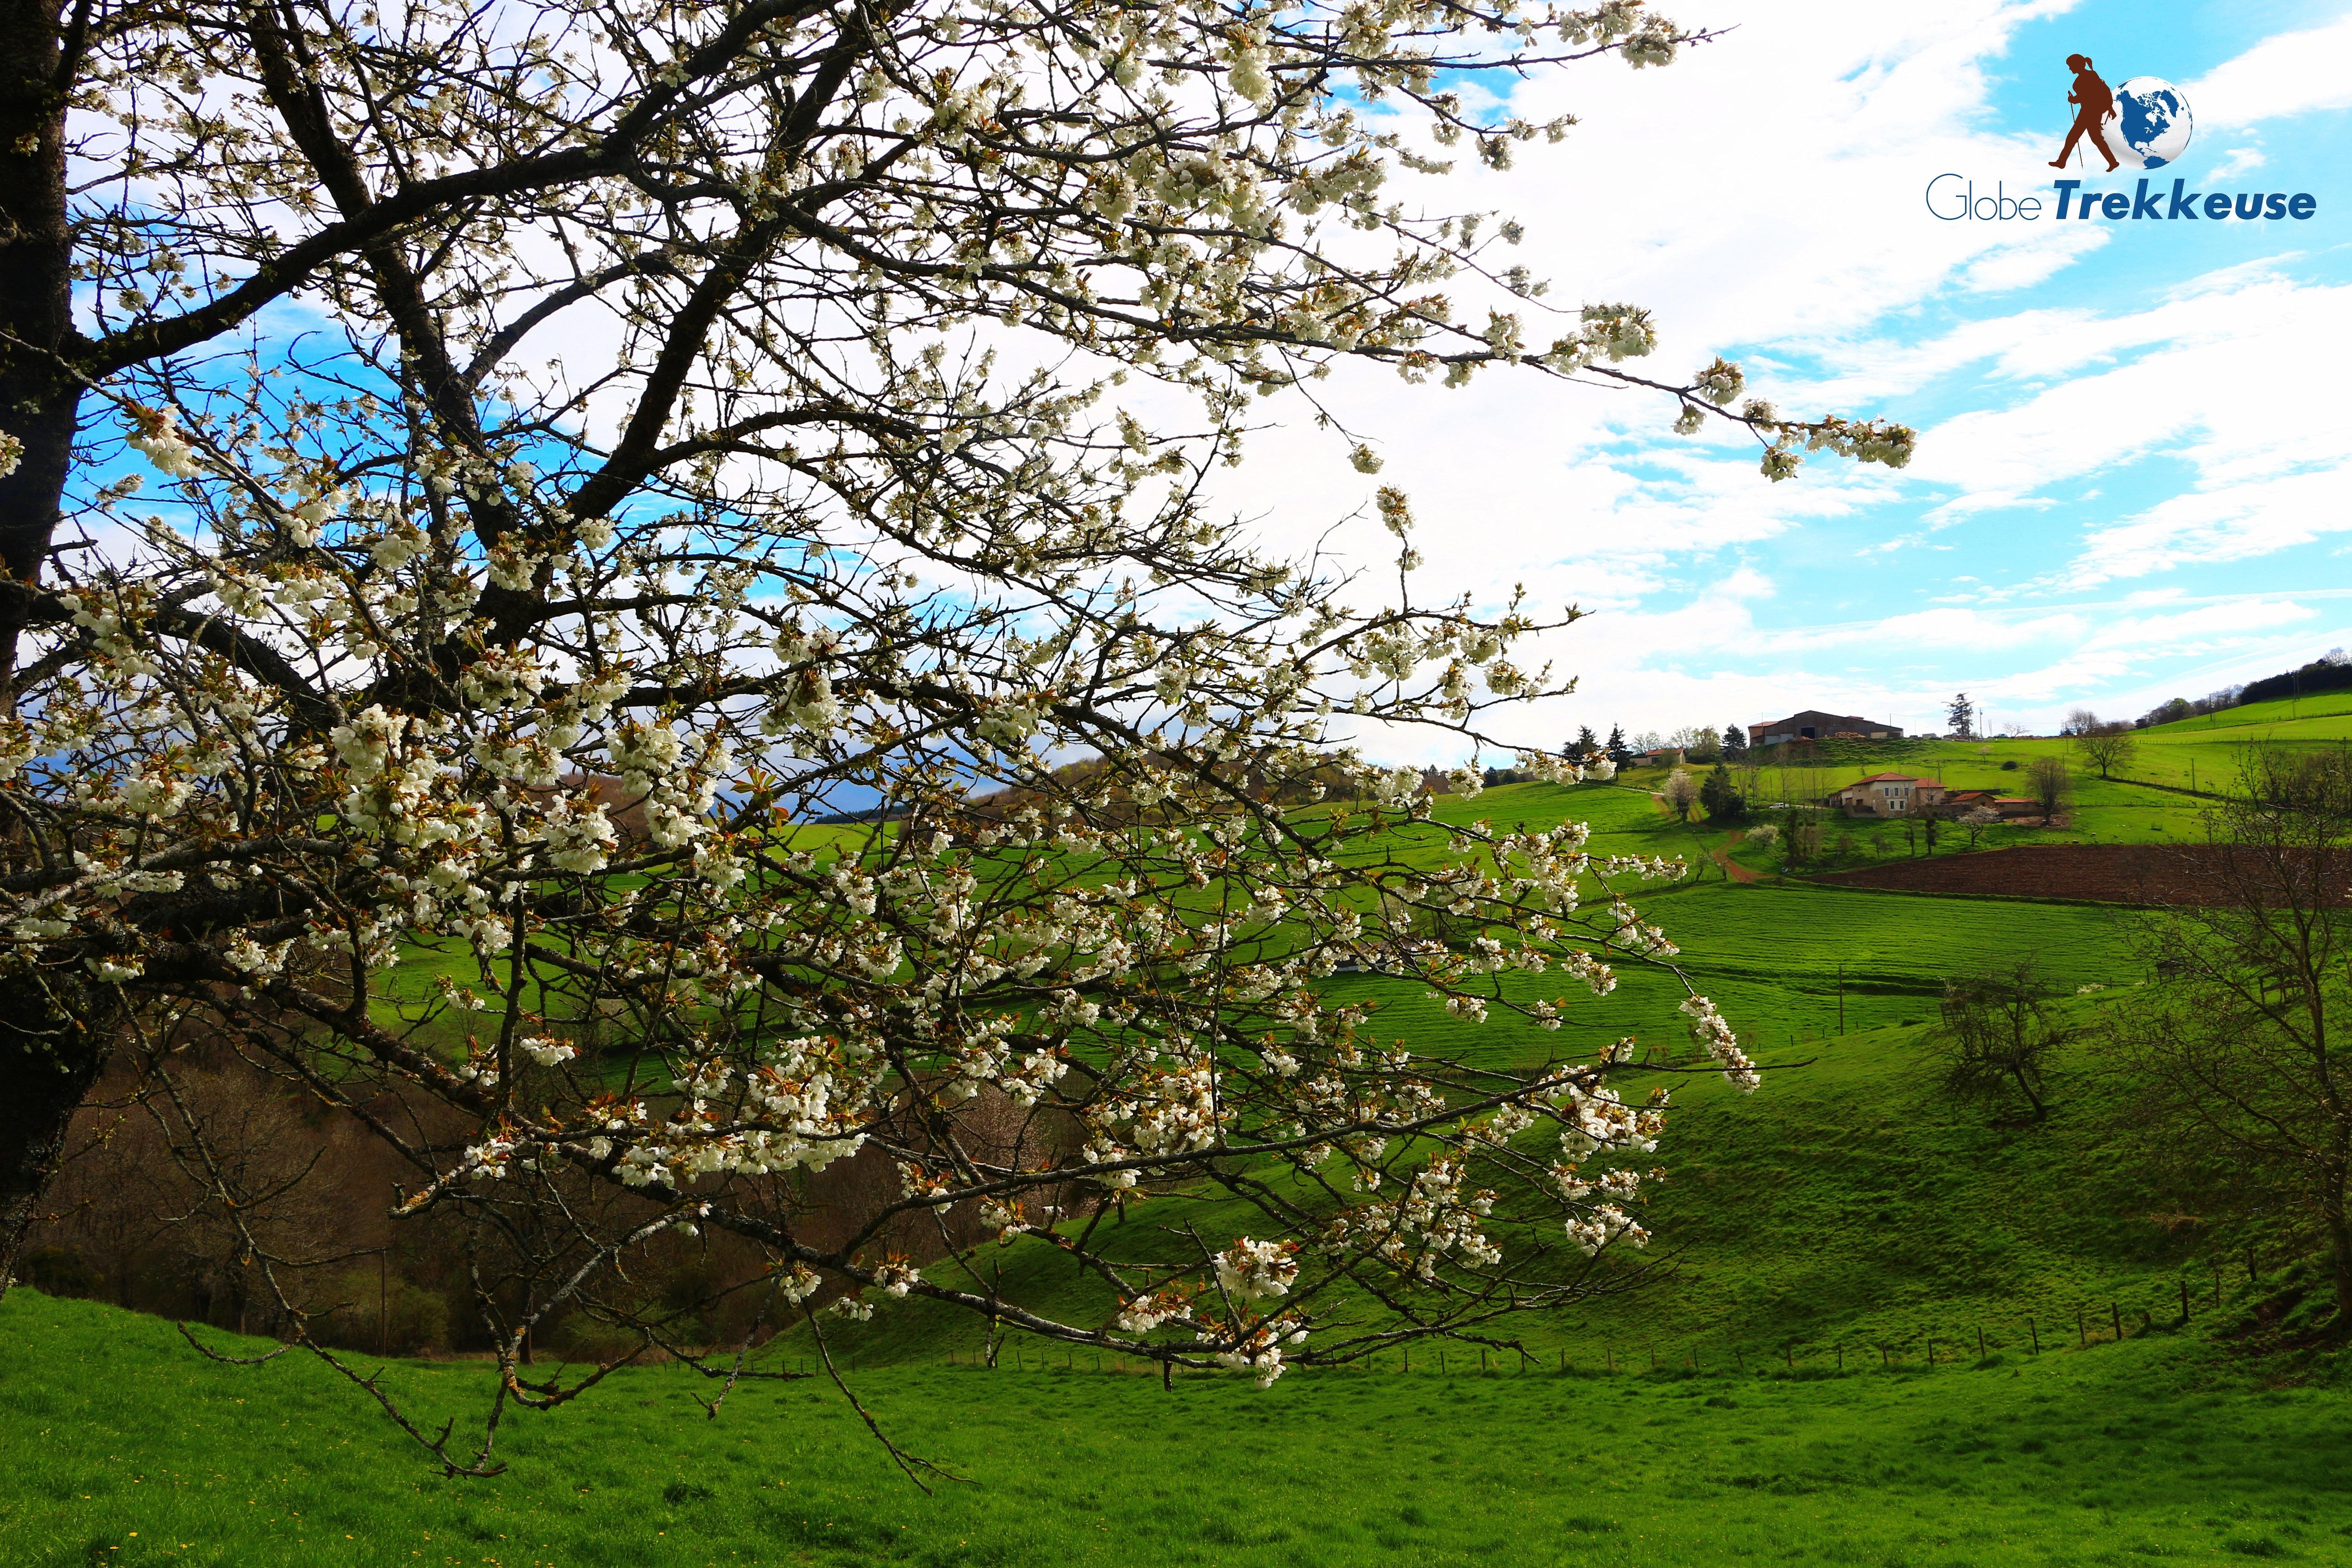 randonnée autour de lyon monts lyonnais fleurs